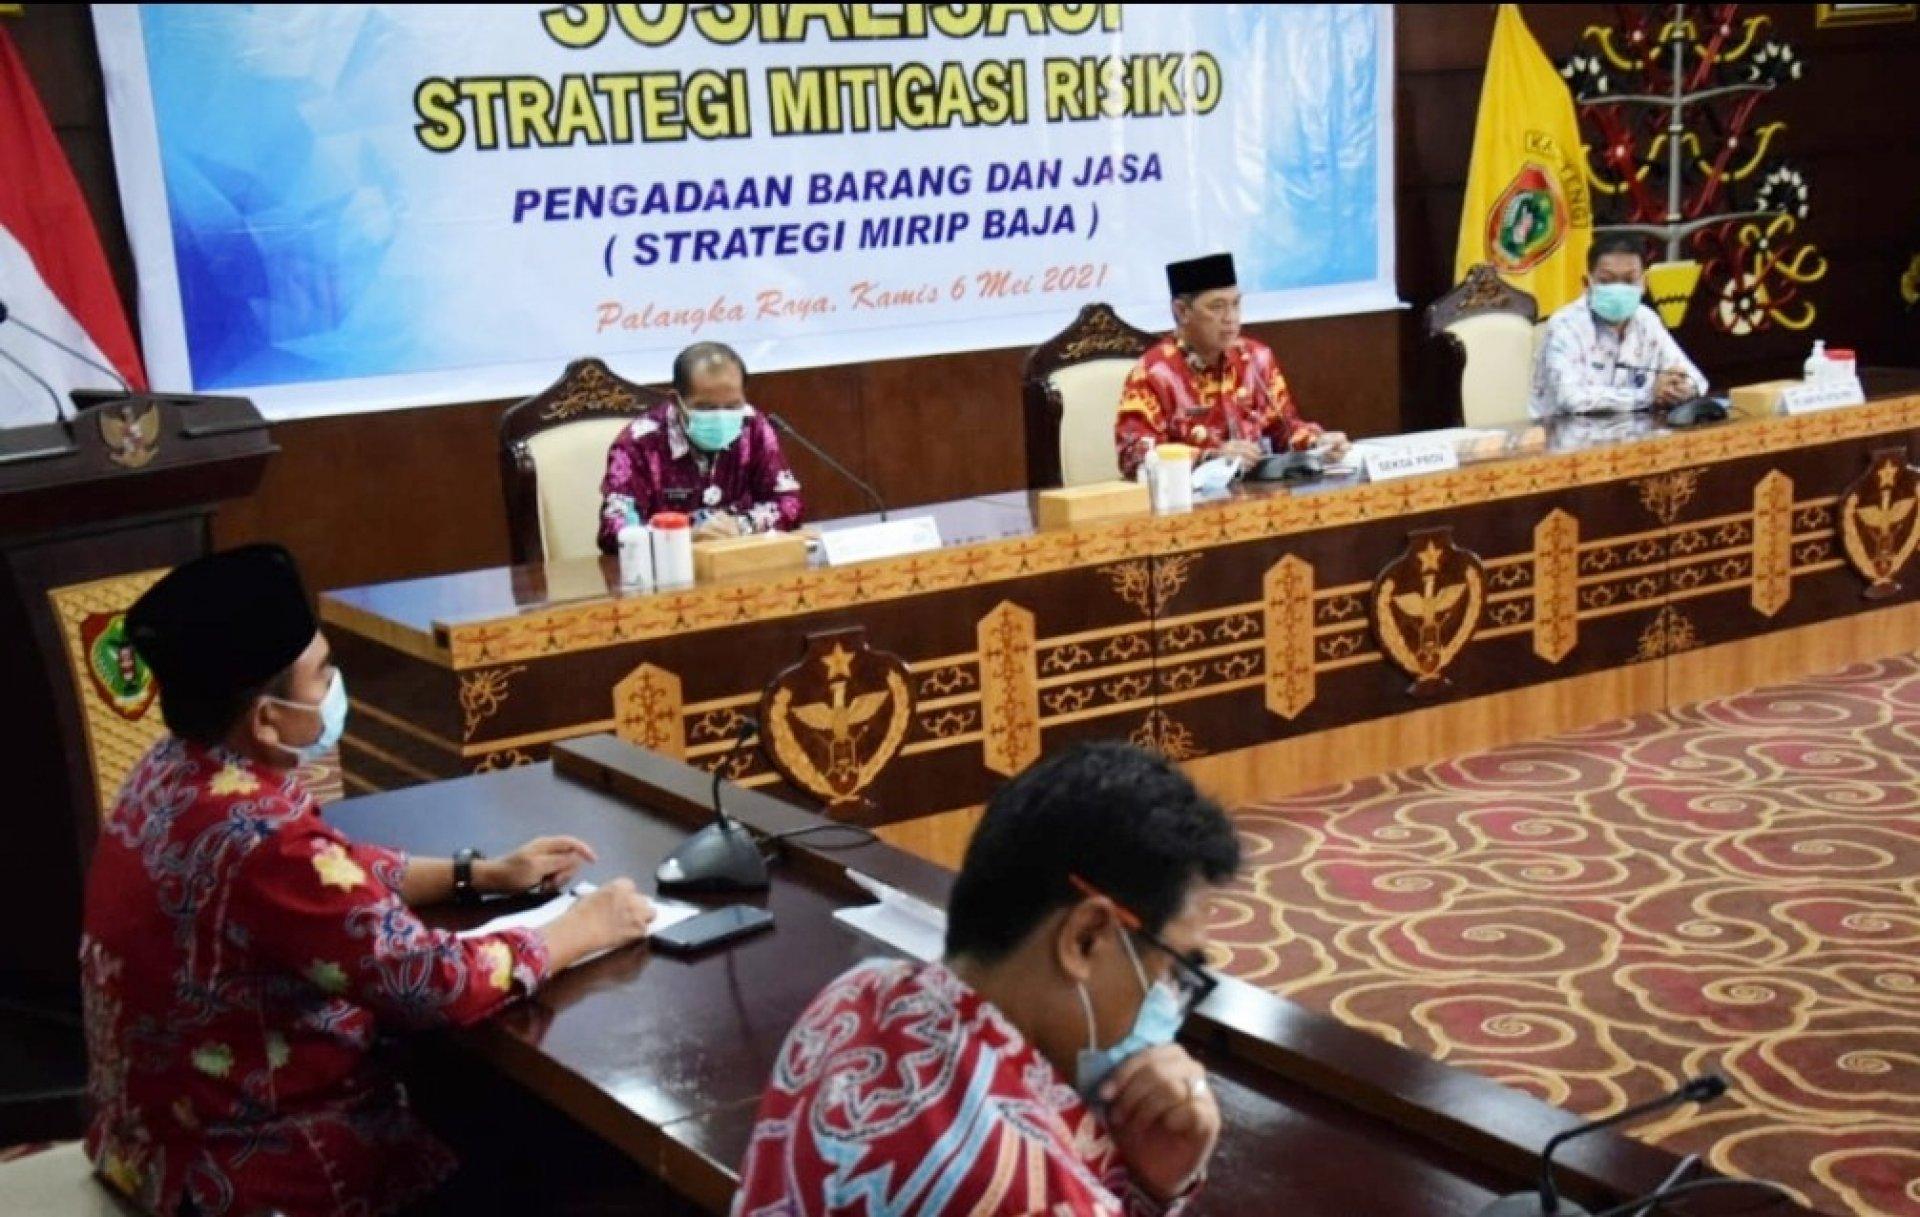 Sekda Kalteng Tekankan Pentingnya Strategi Mitigasi Risiko dalam Pengadaan Barang Jasa